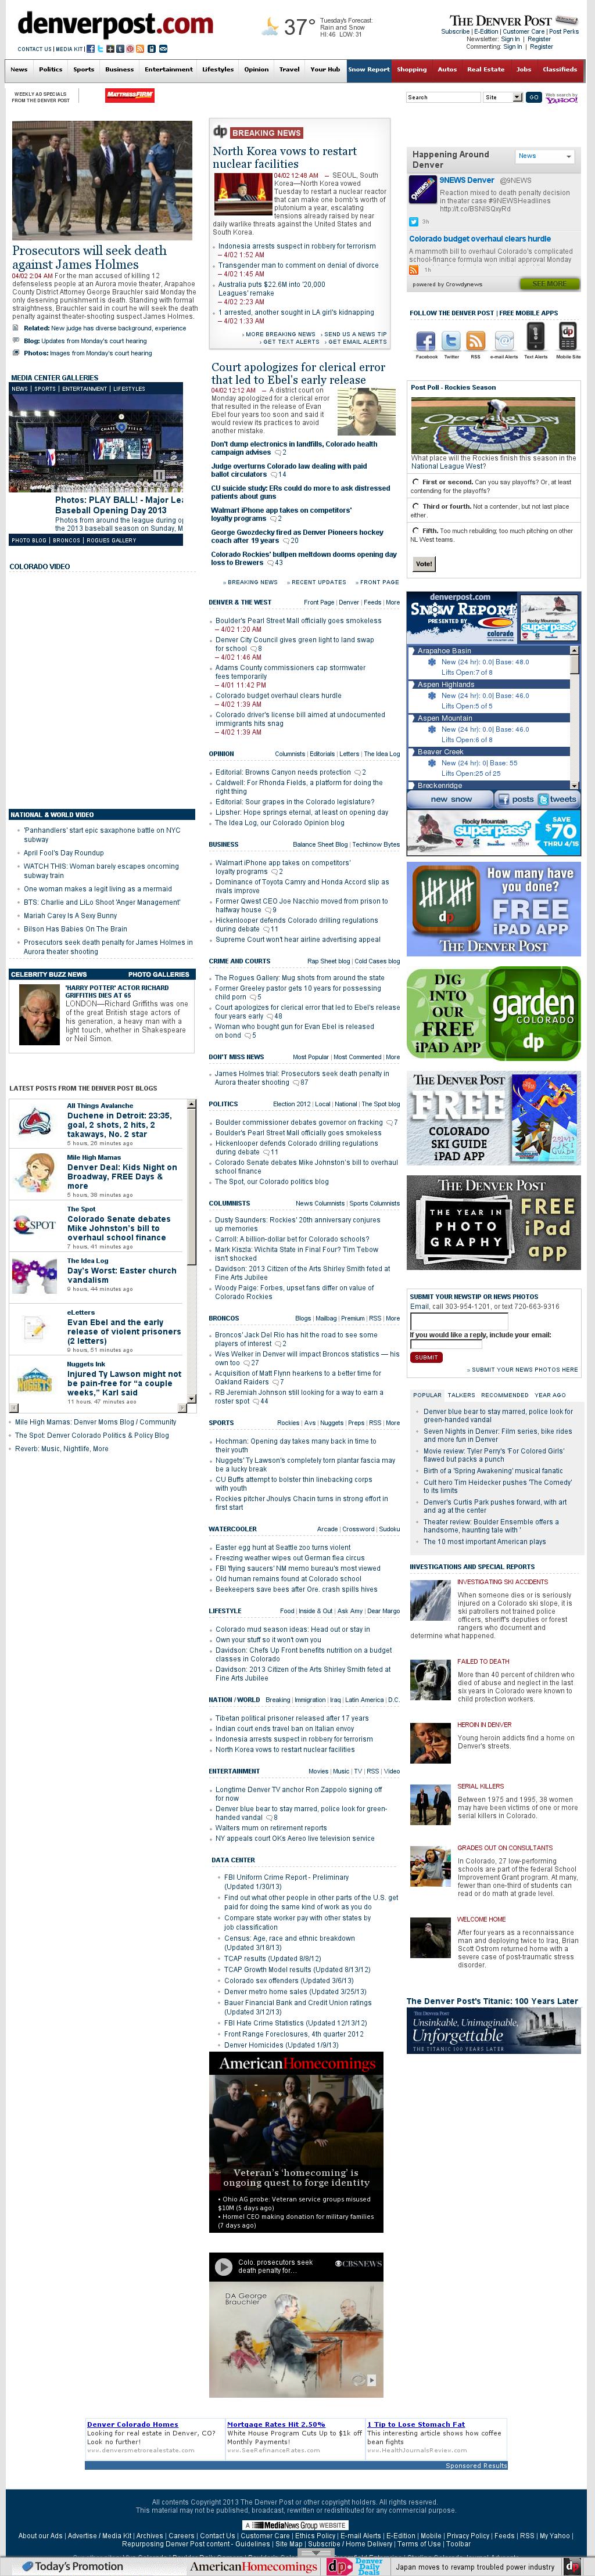 Denver Post at Tuesday April 2, 2013, 9:04 a.m. UTC